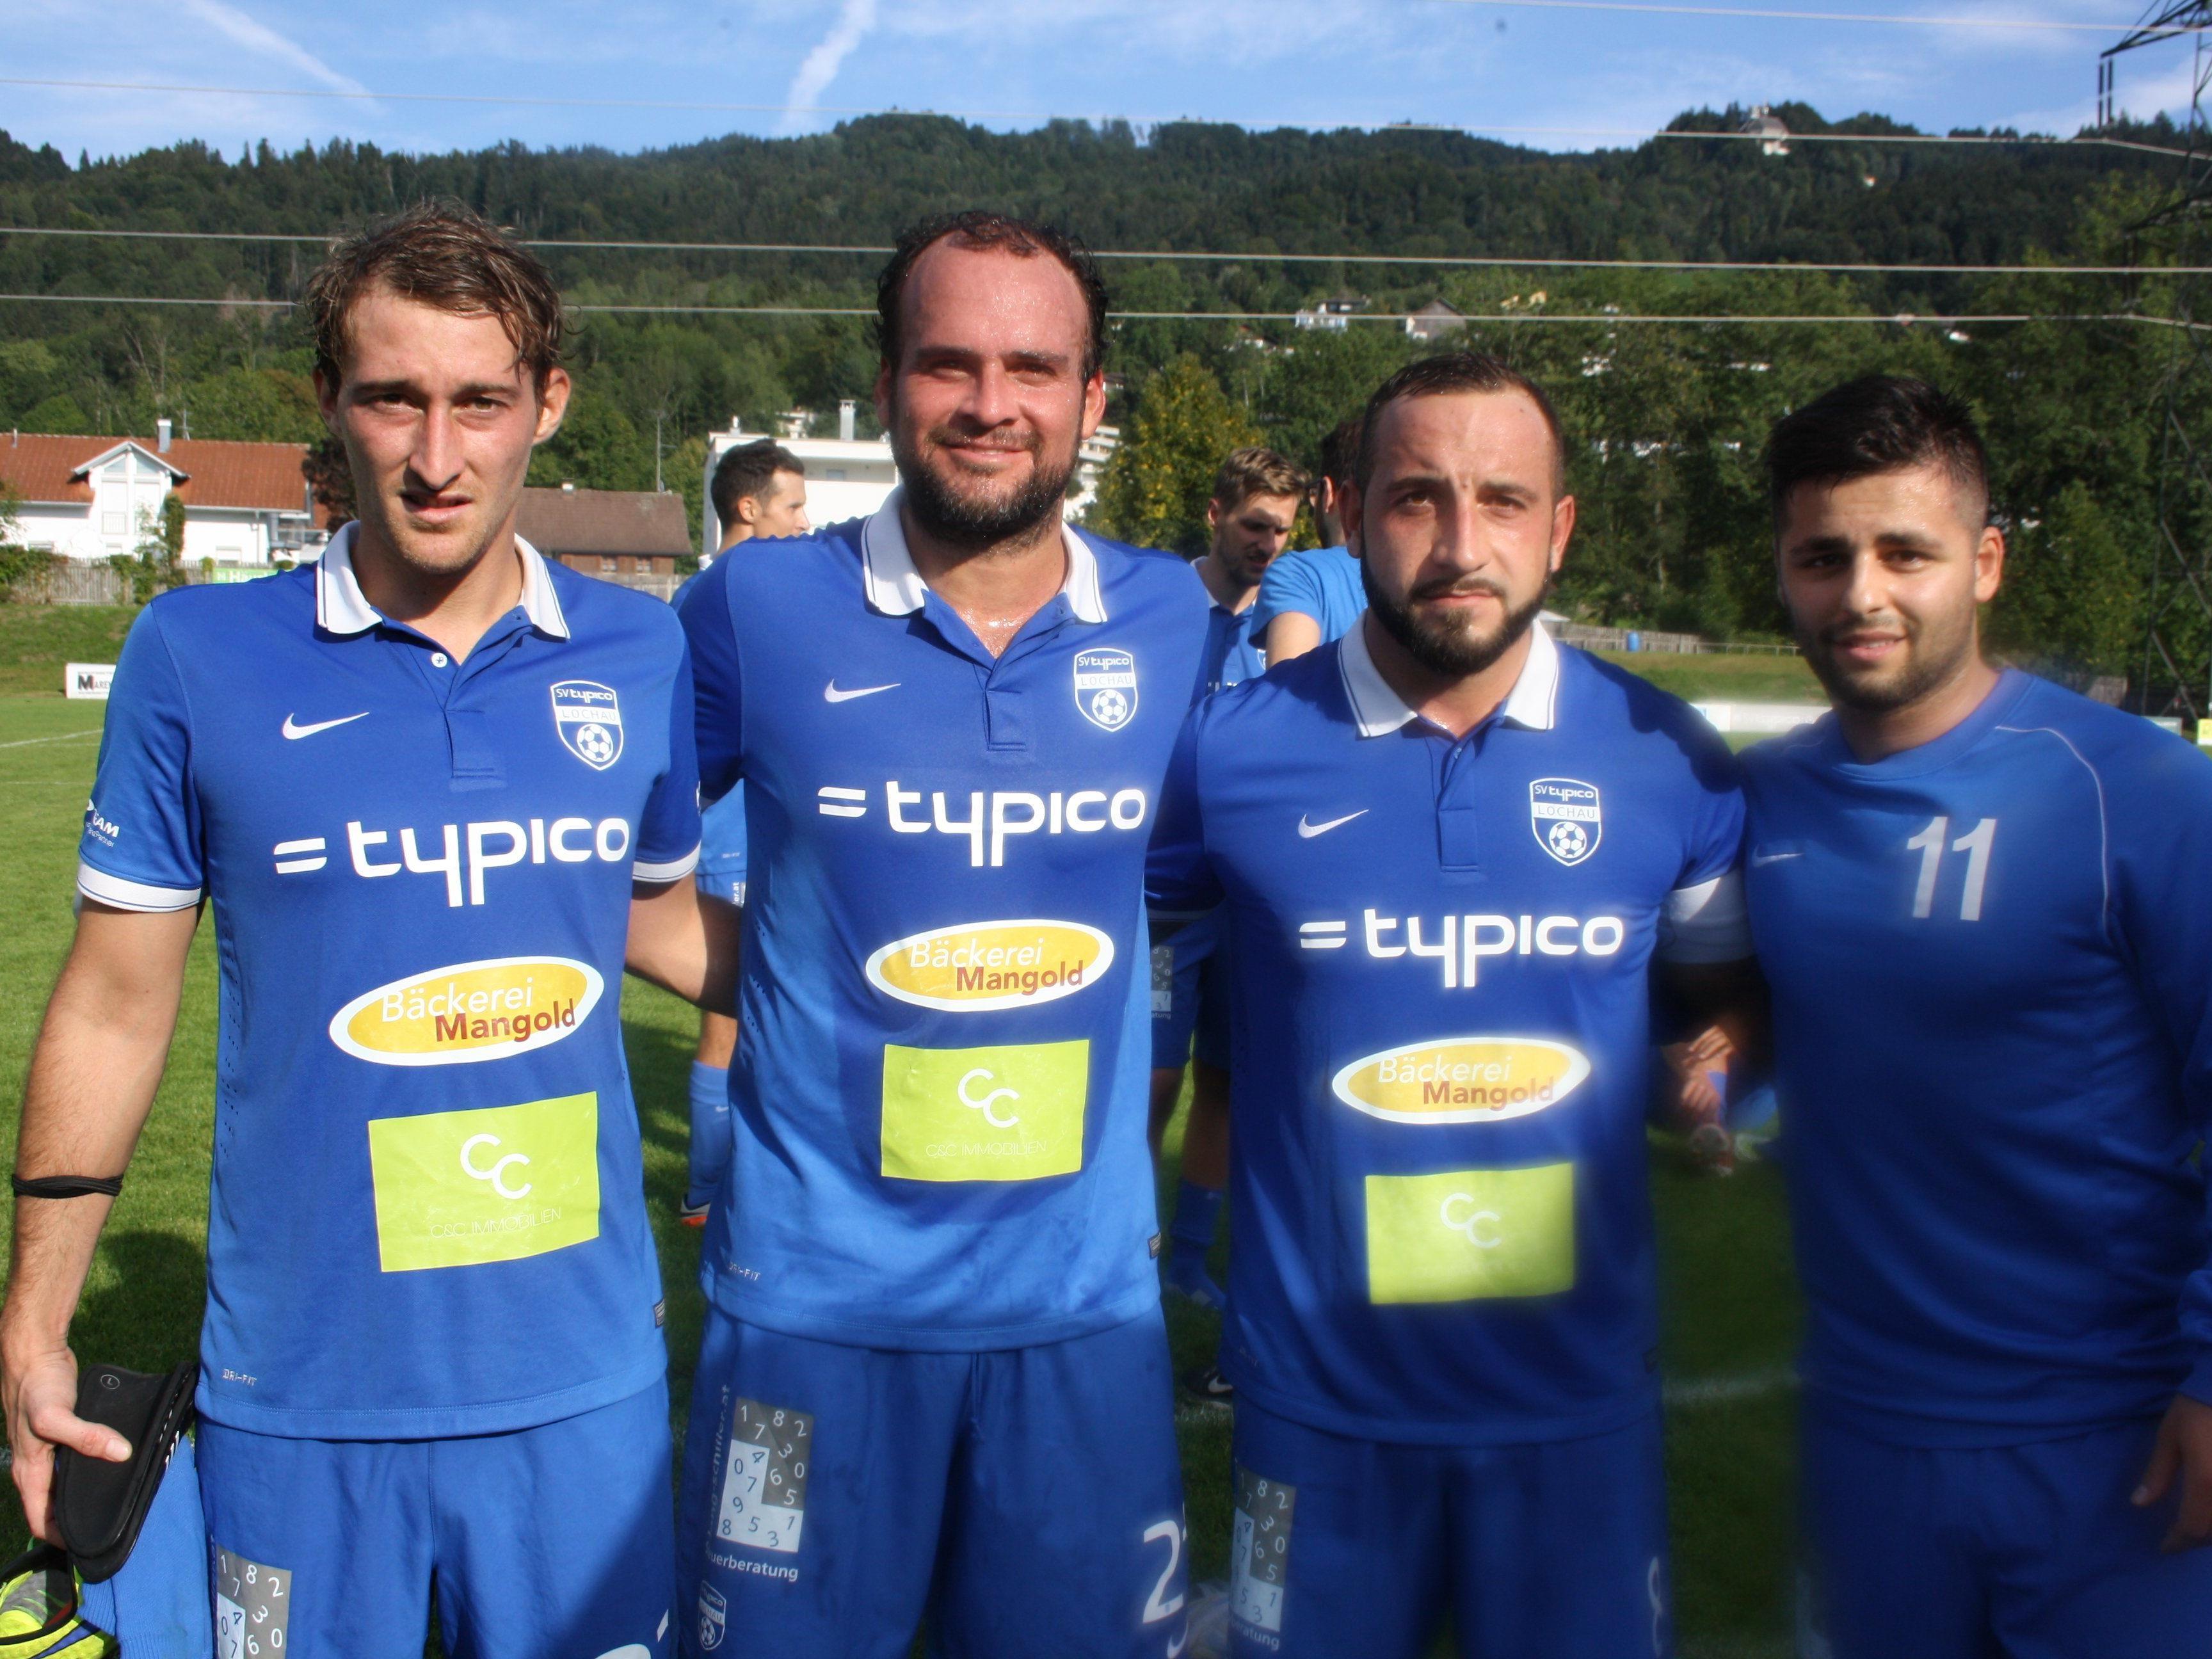 Julian Sterlika, Spielertrainer Pablo Antonio Chinchilla Vega, Kapitän Marco Marinkovic und Stefan Stojanovic konnten sich als Torschützen feiern lassen.